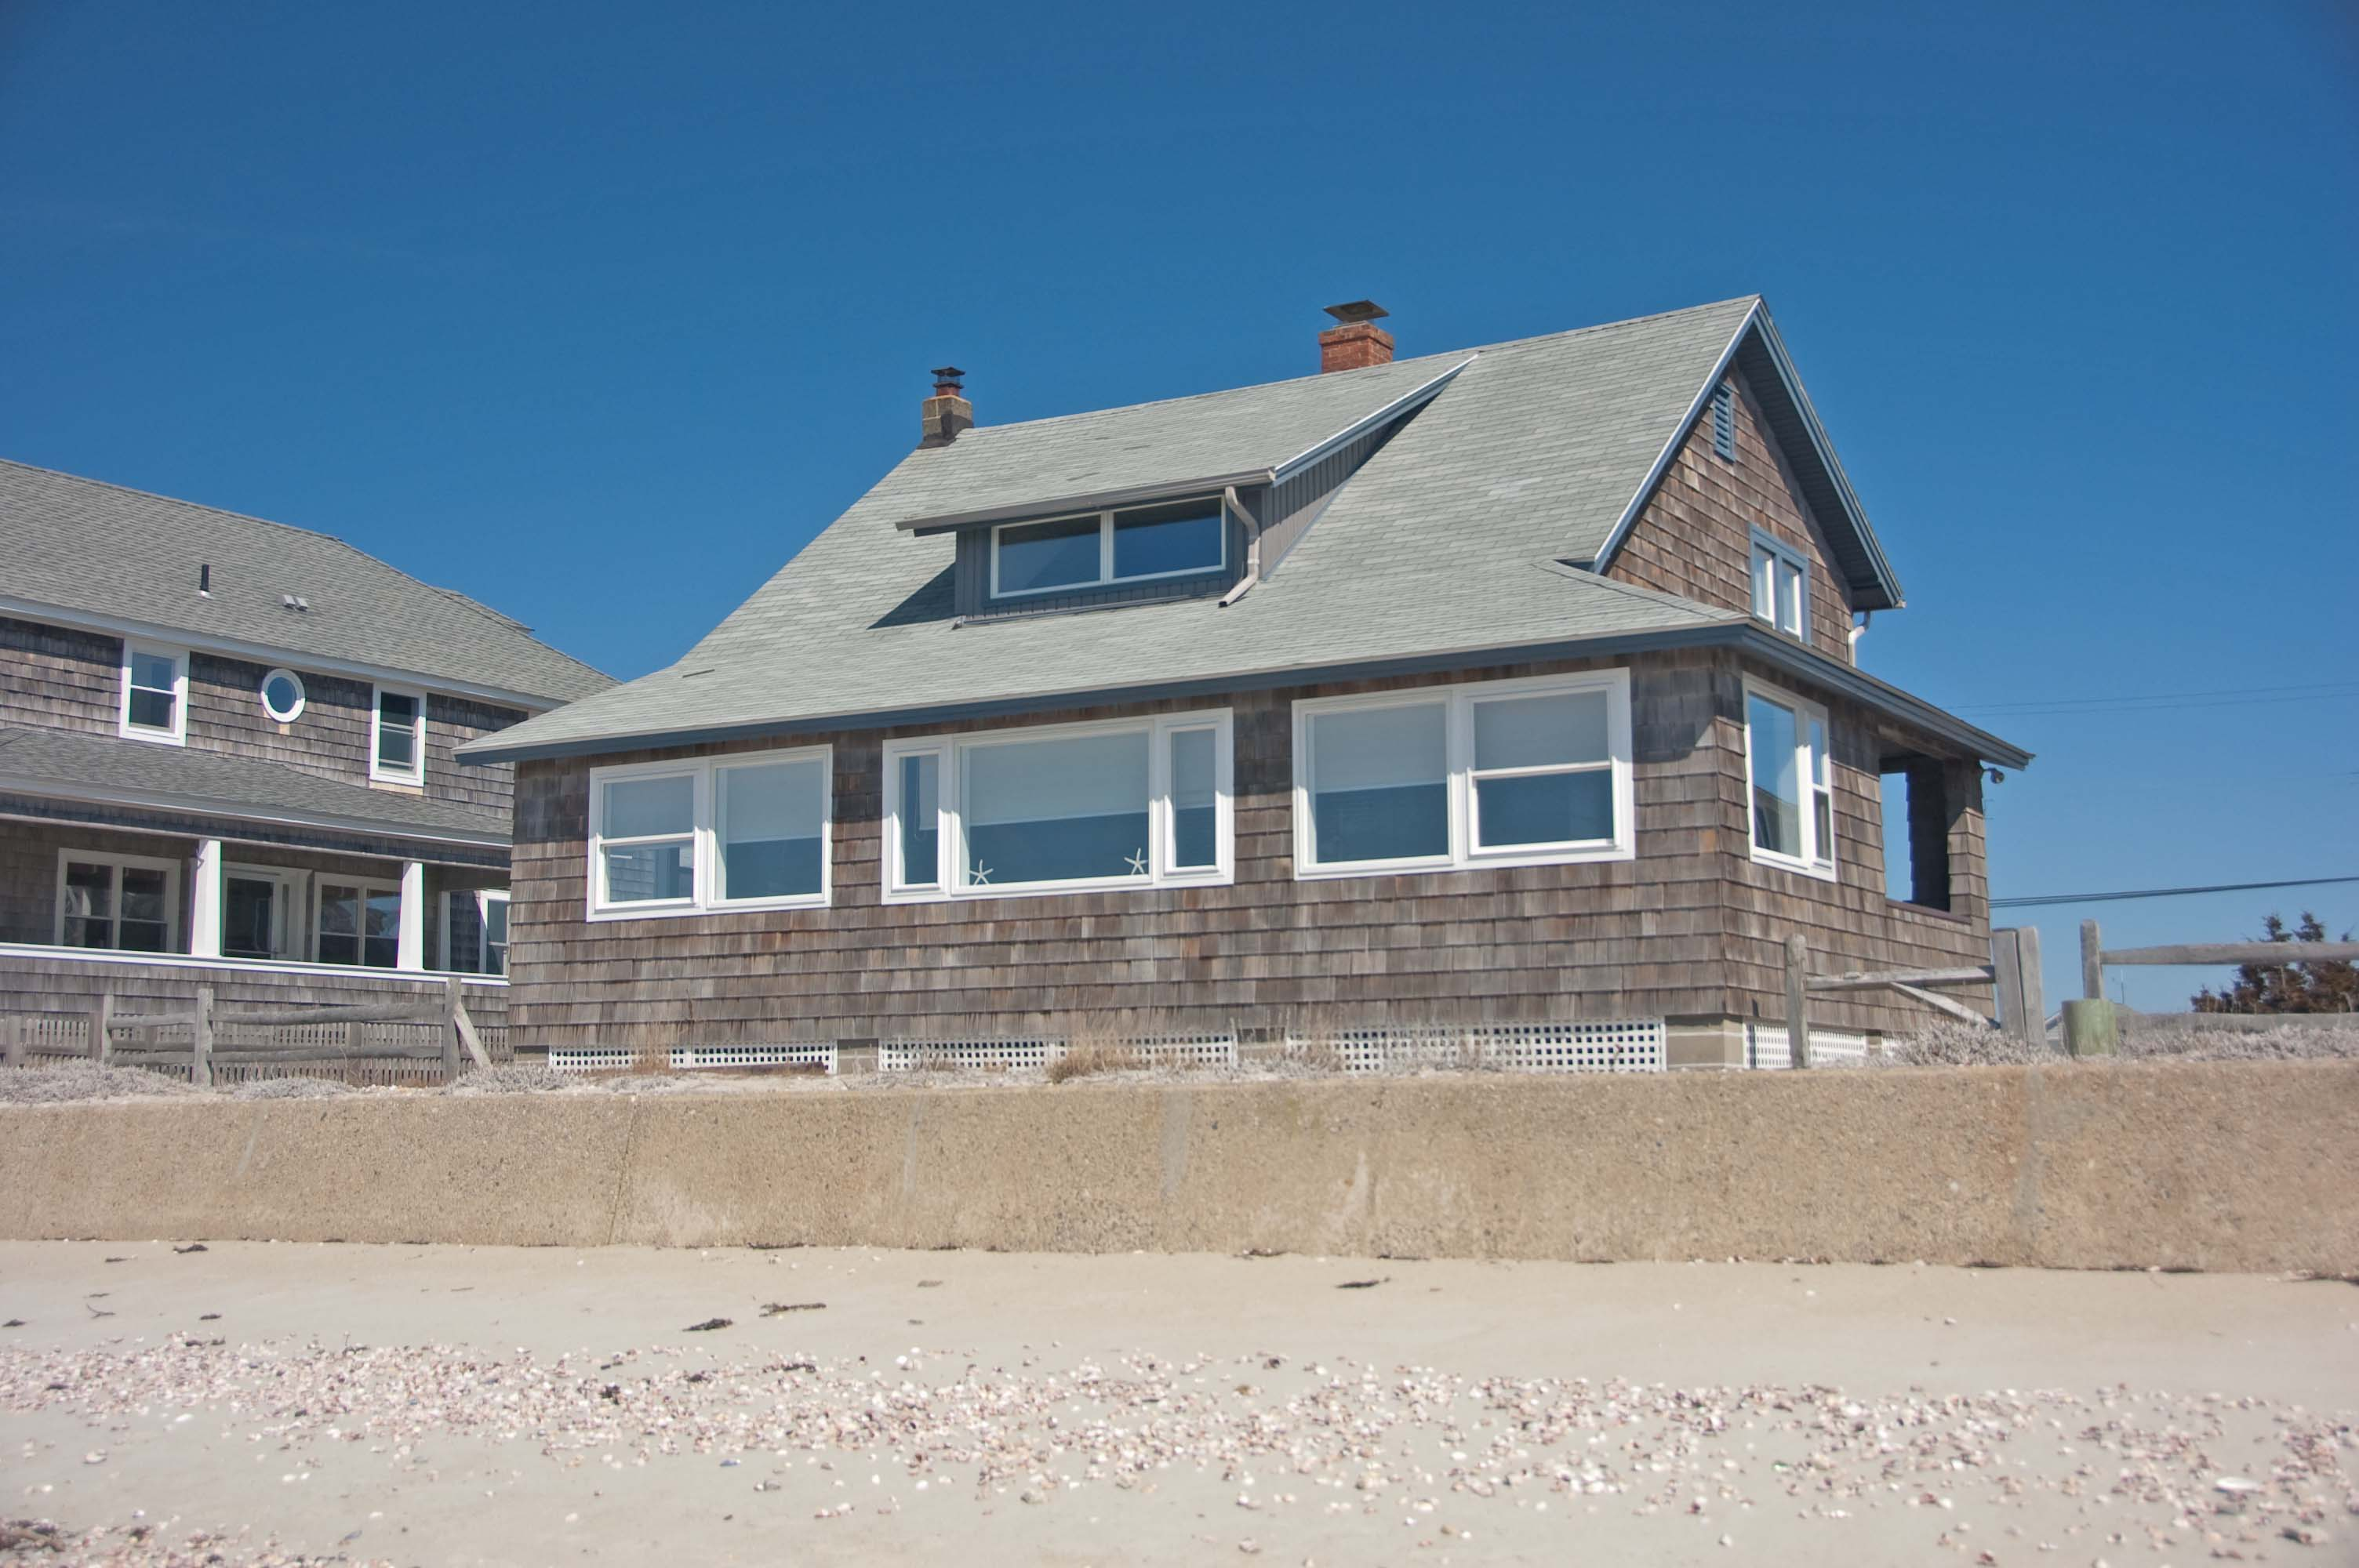 28 Boardwalk, Groton long Point, CT 06340